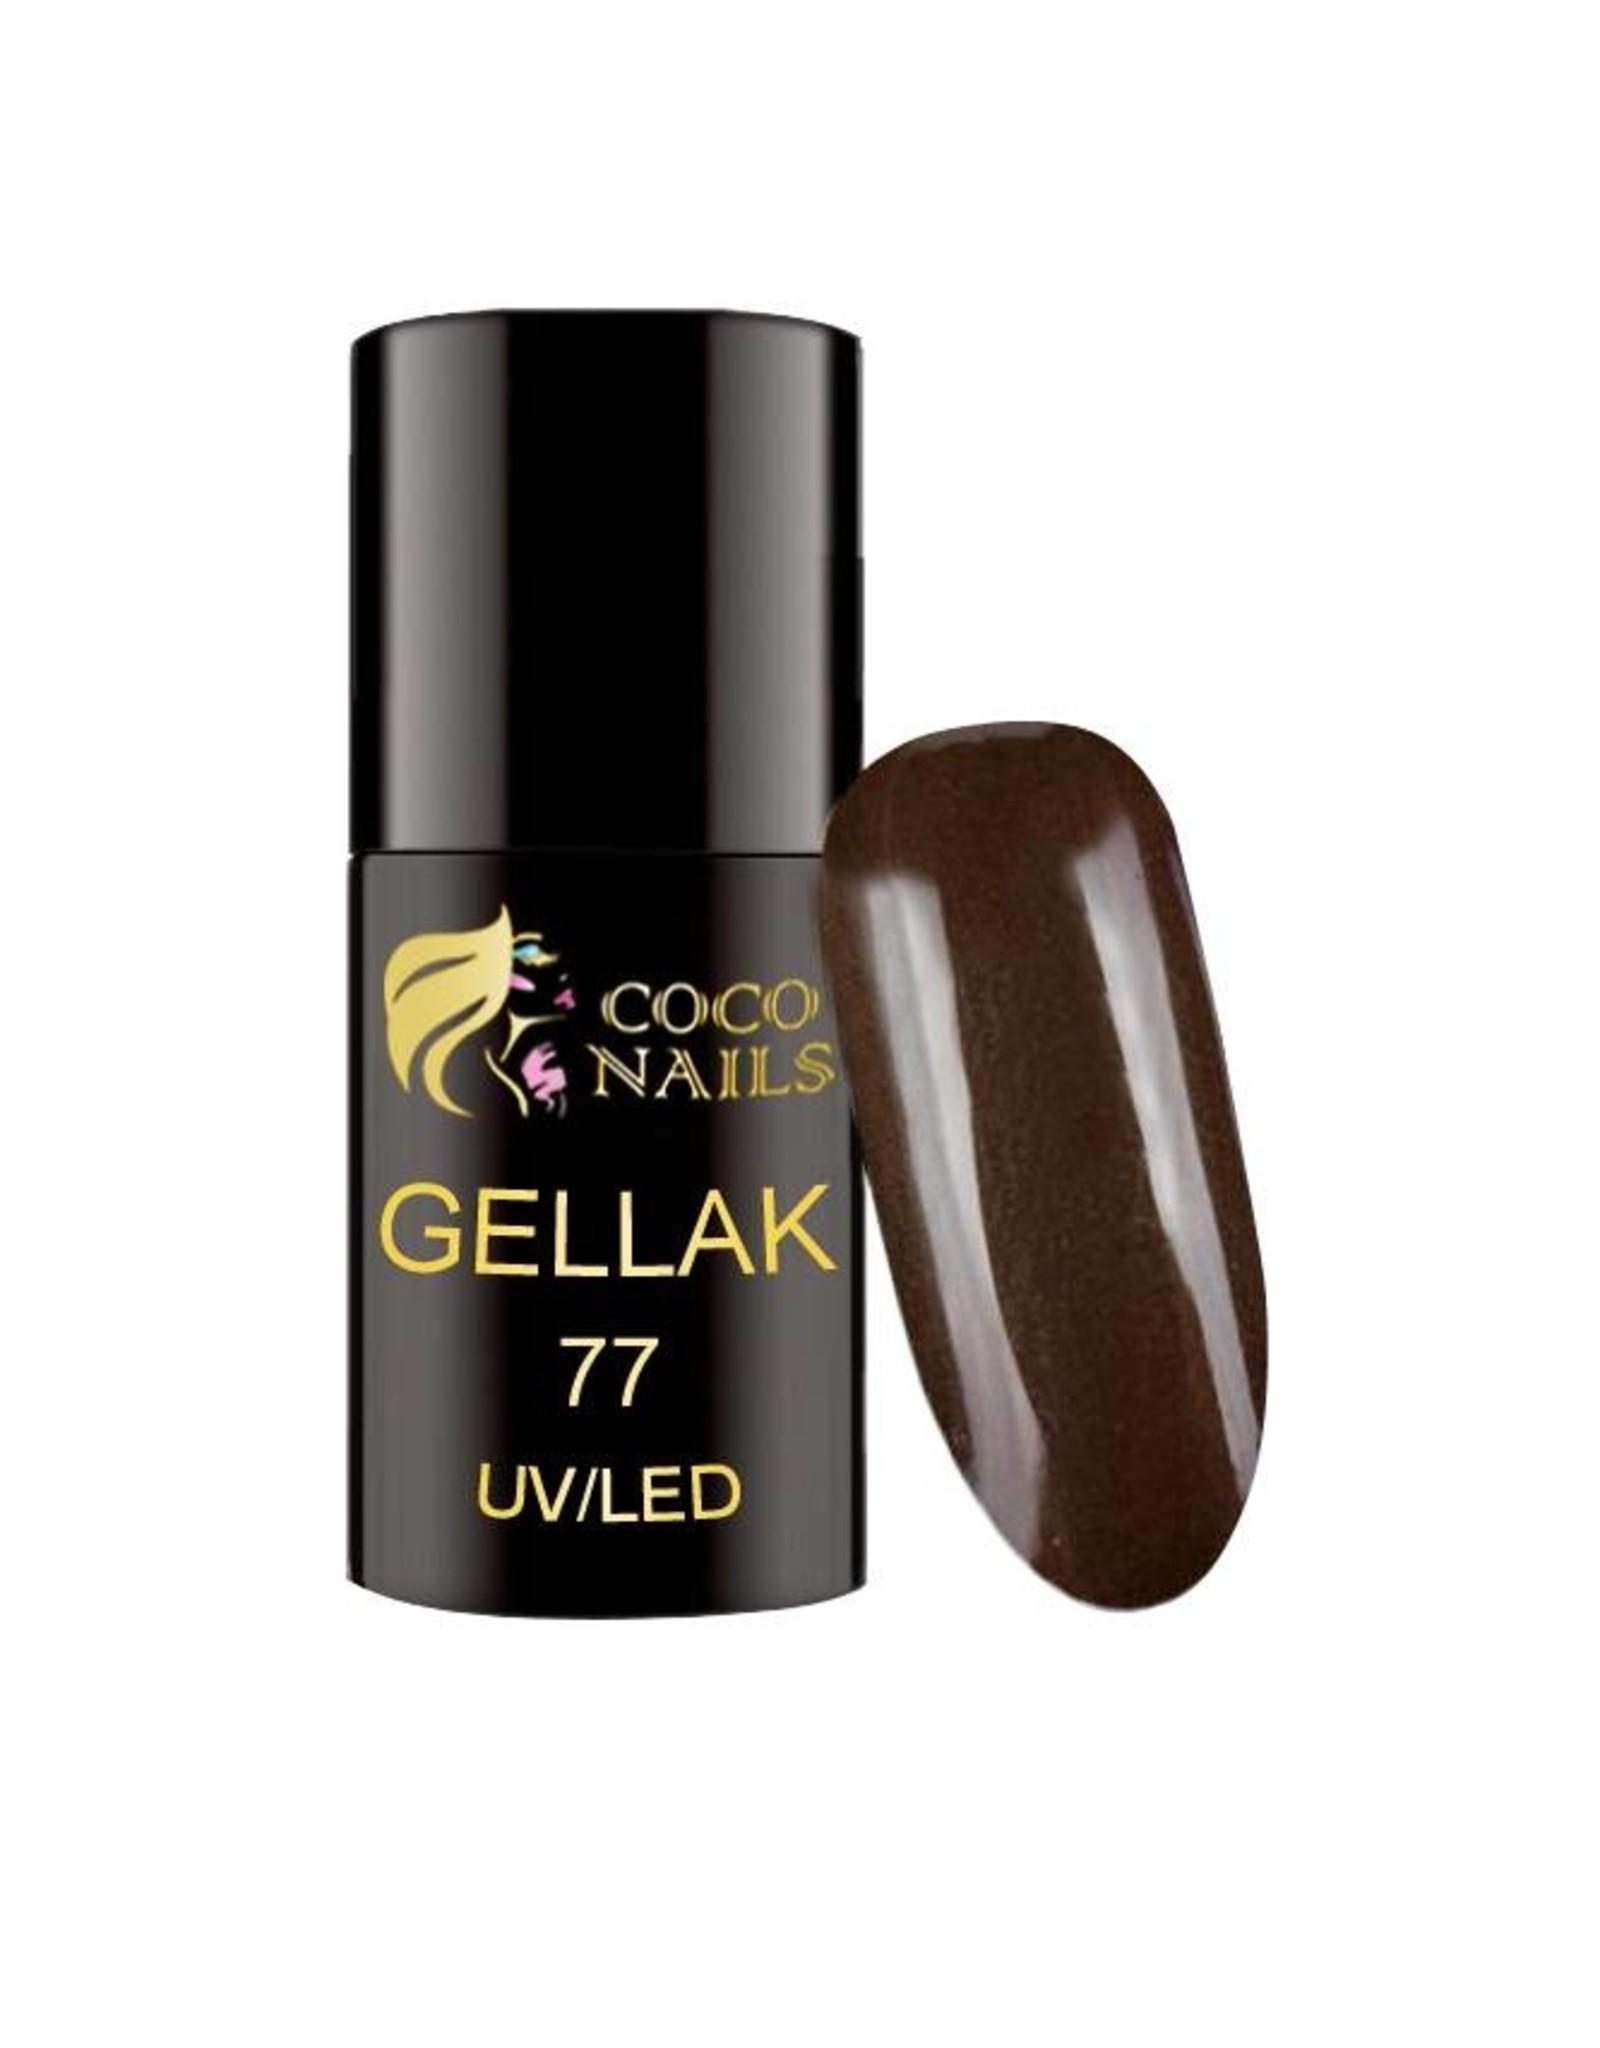 Coconails Gellak Zeer Donker Bruin 5 ml